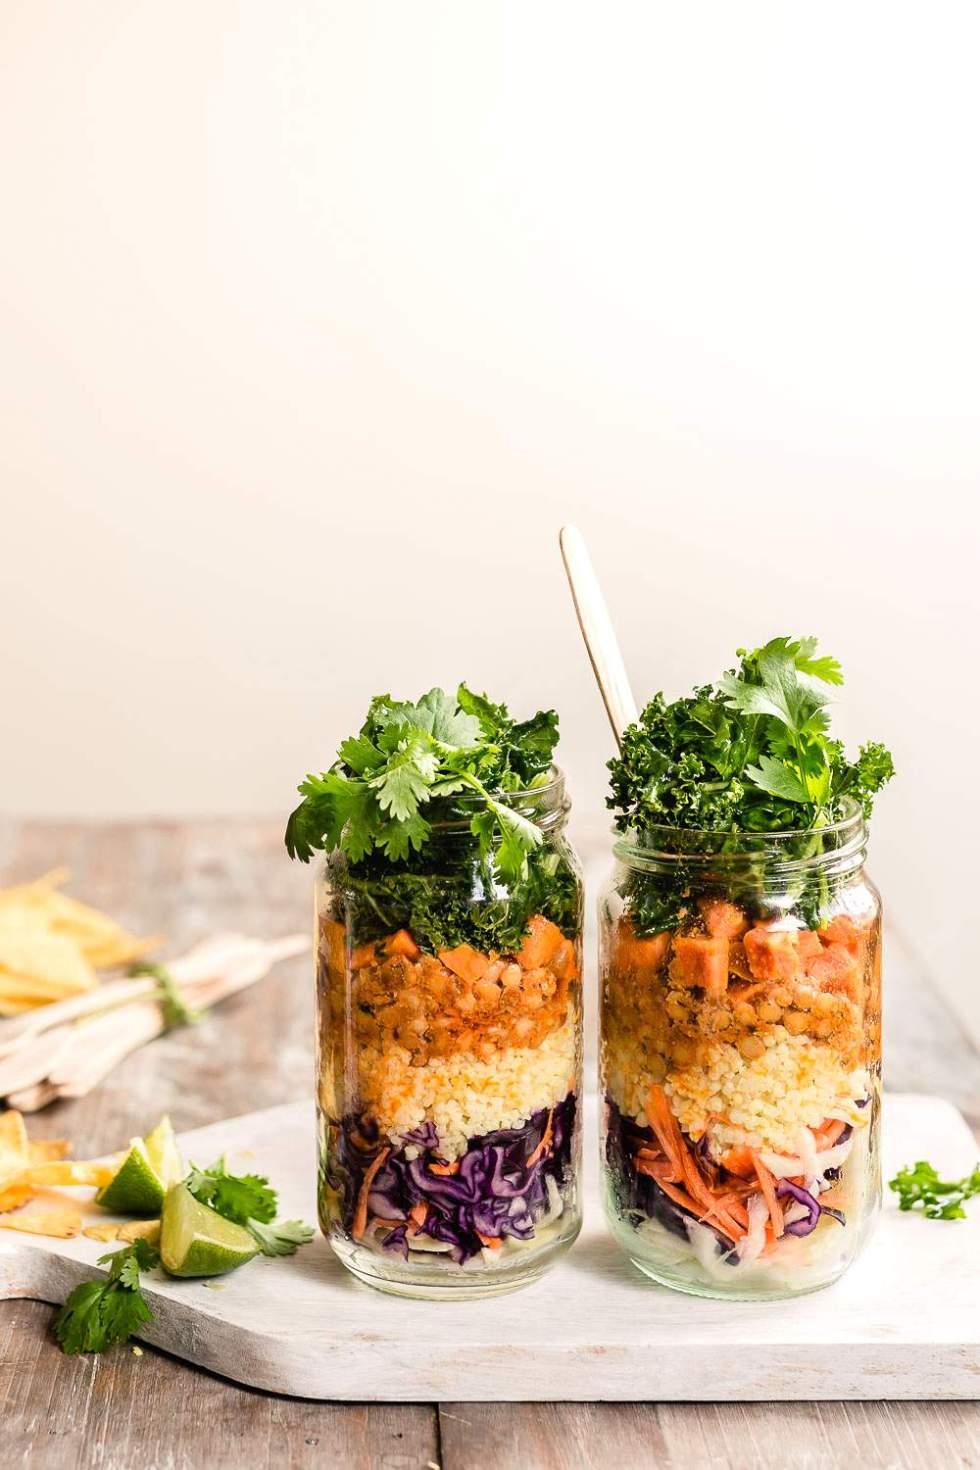 Lemony Lentil Taco Salad (Vegan, gf)